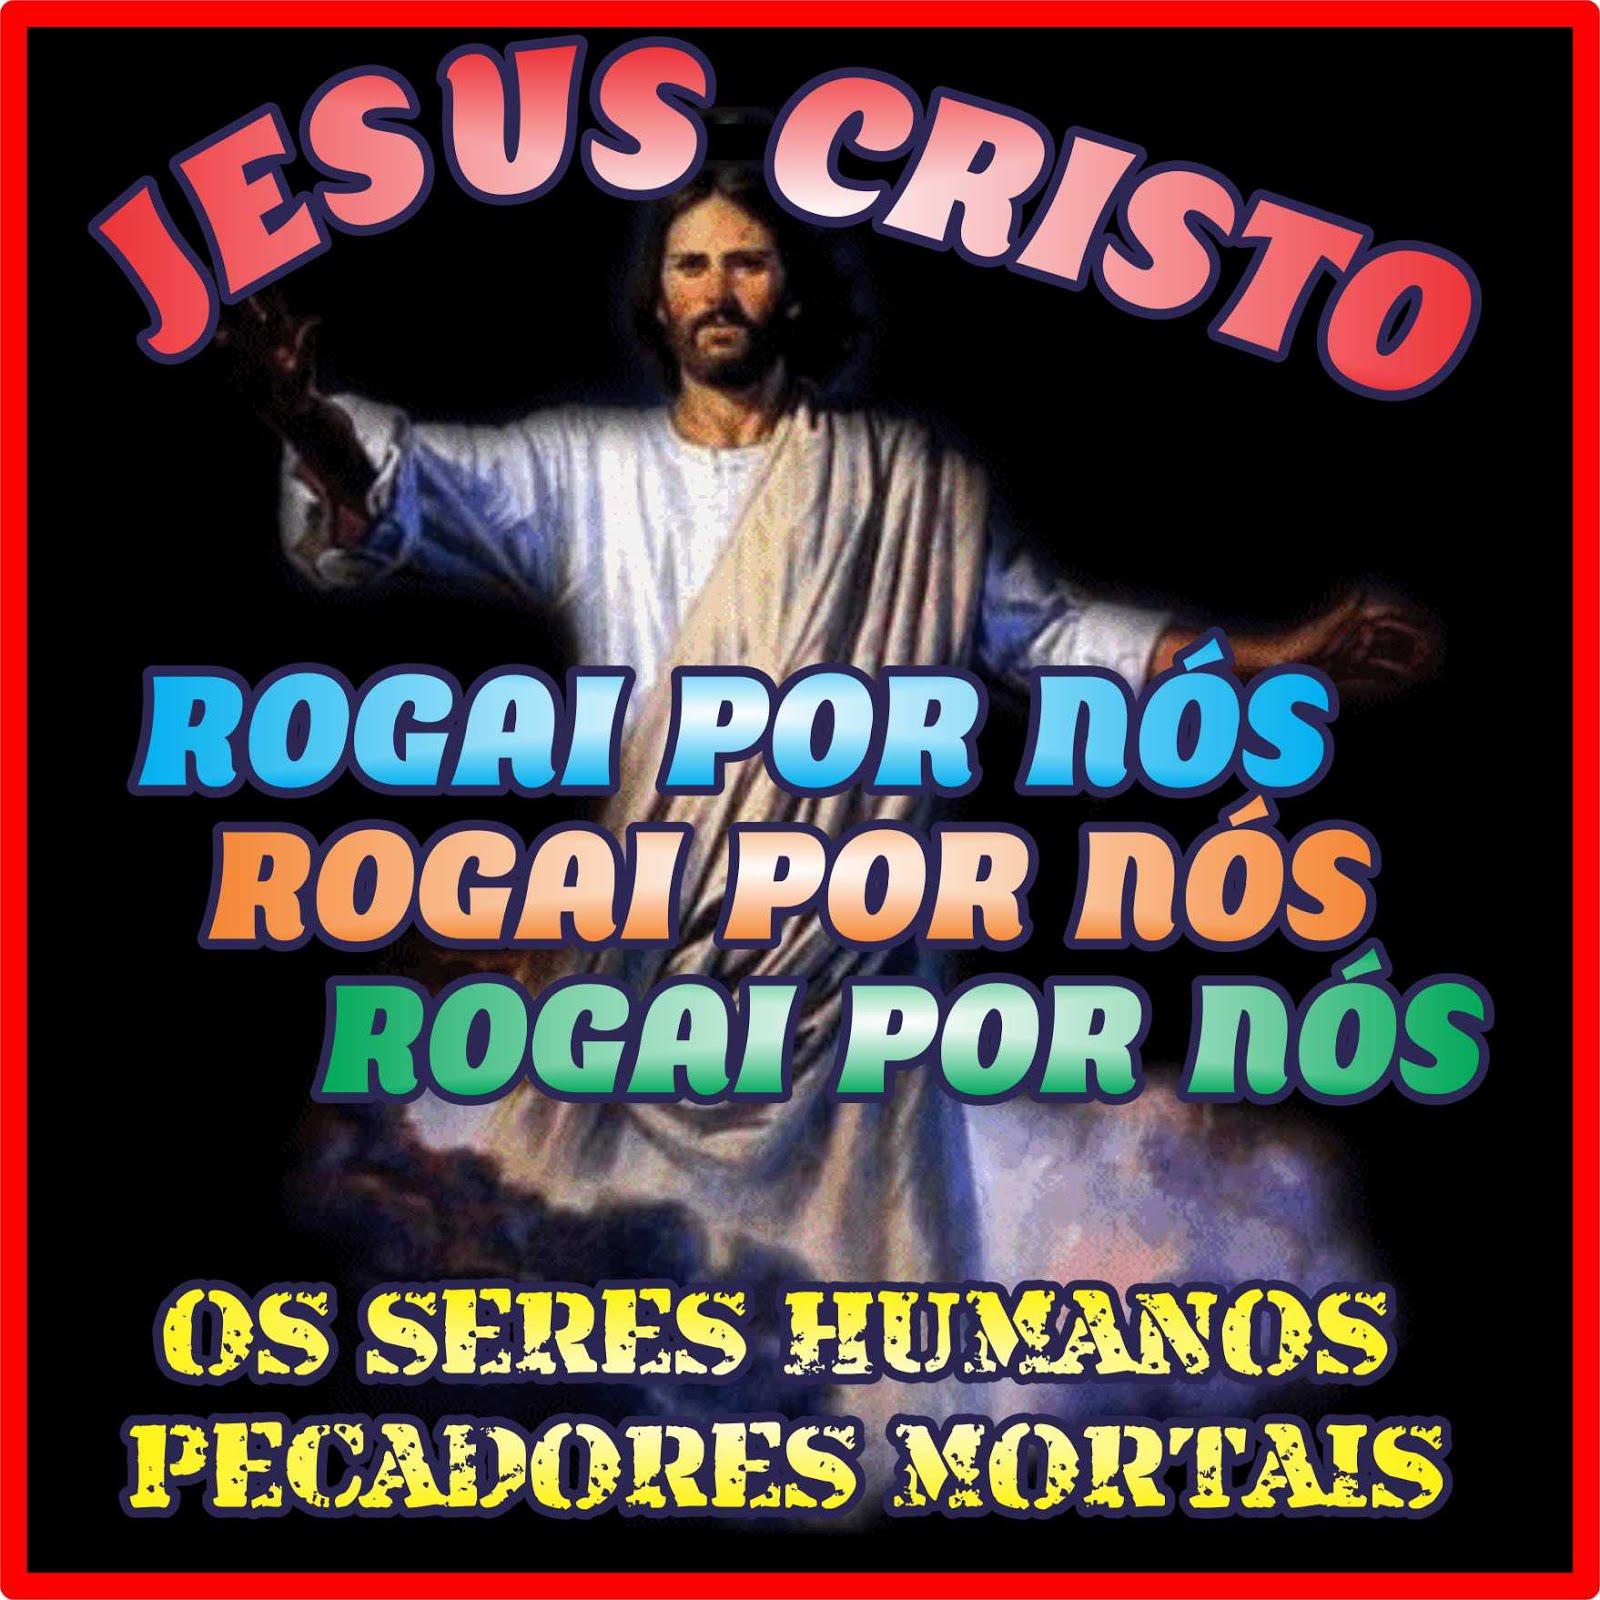 Jesus Cristo Cura, Salva e Liberta